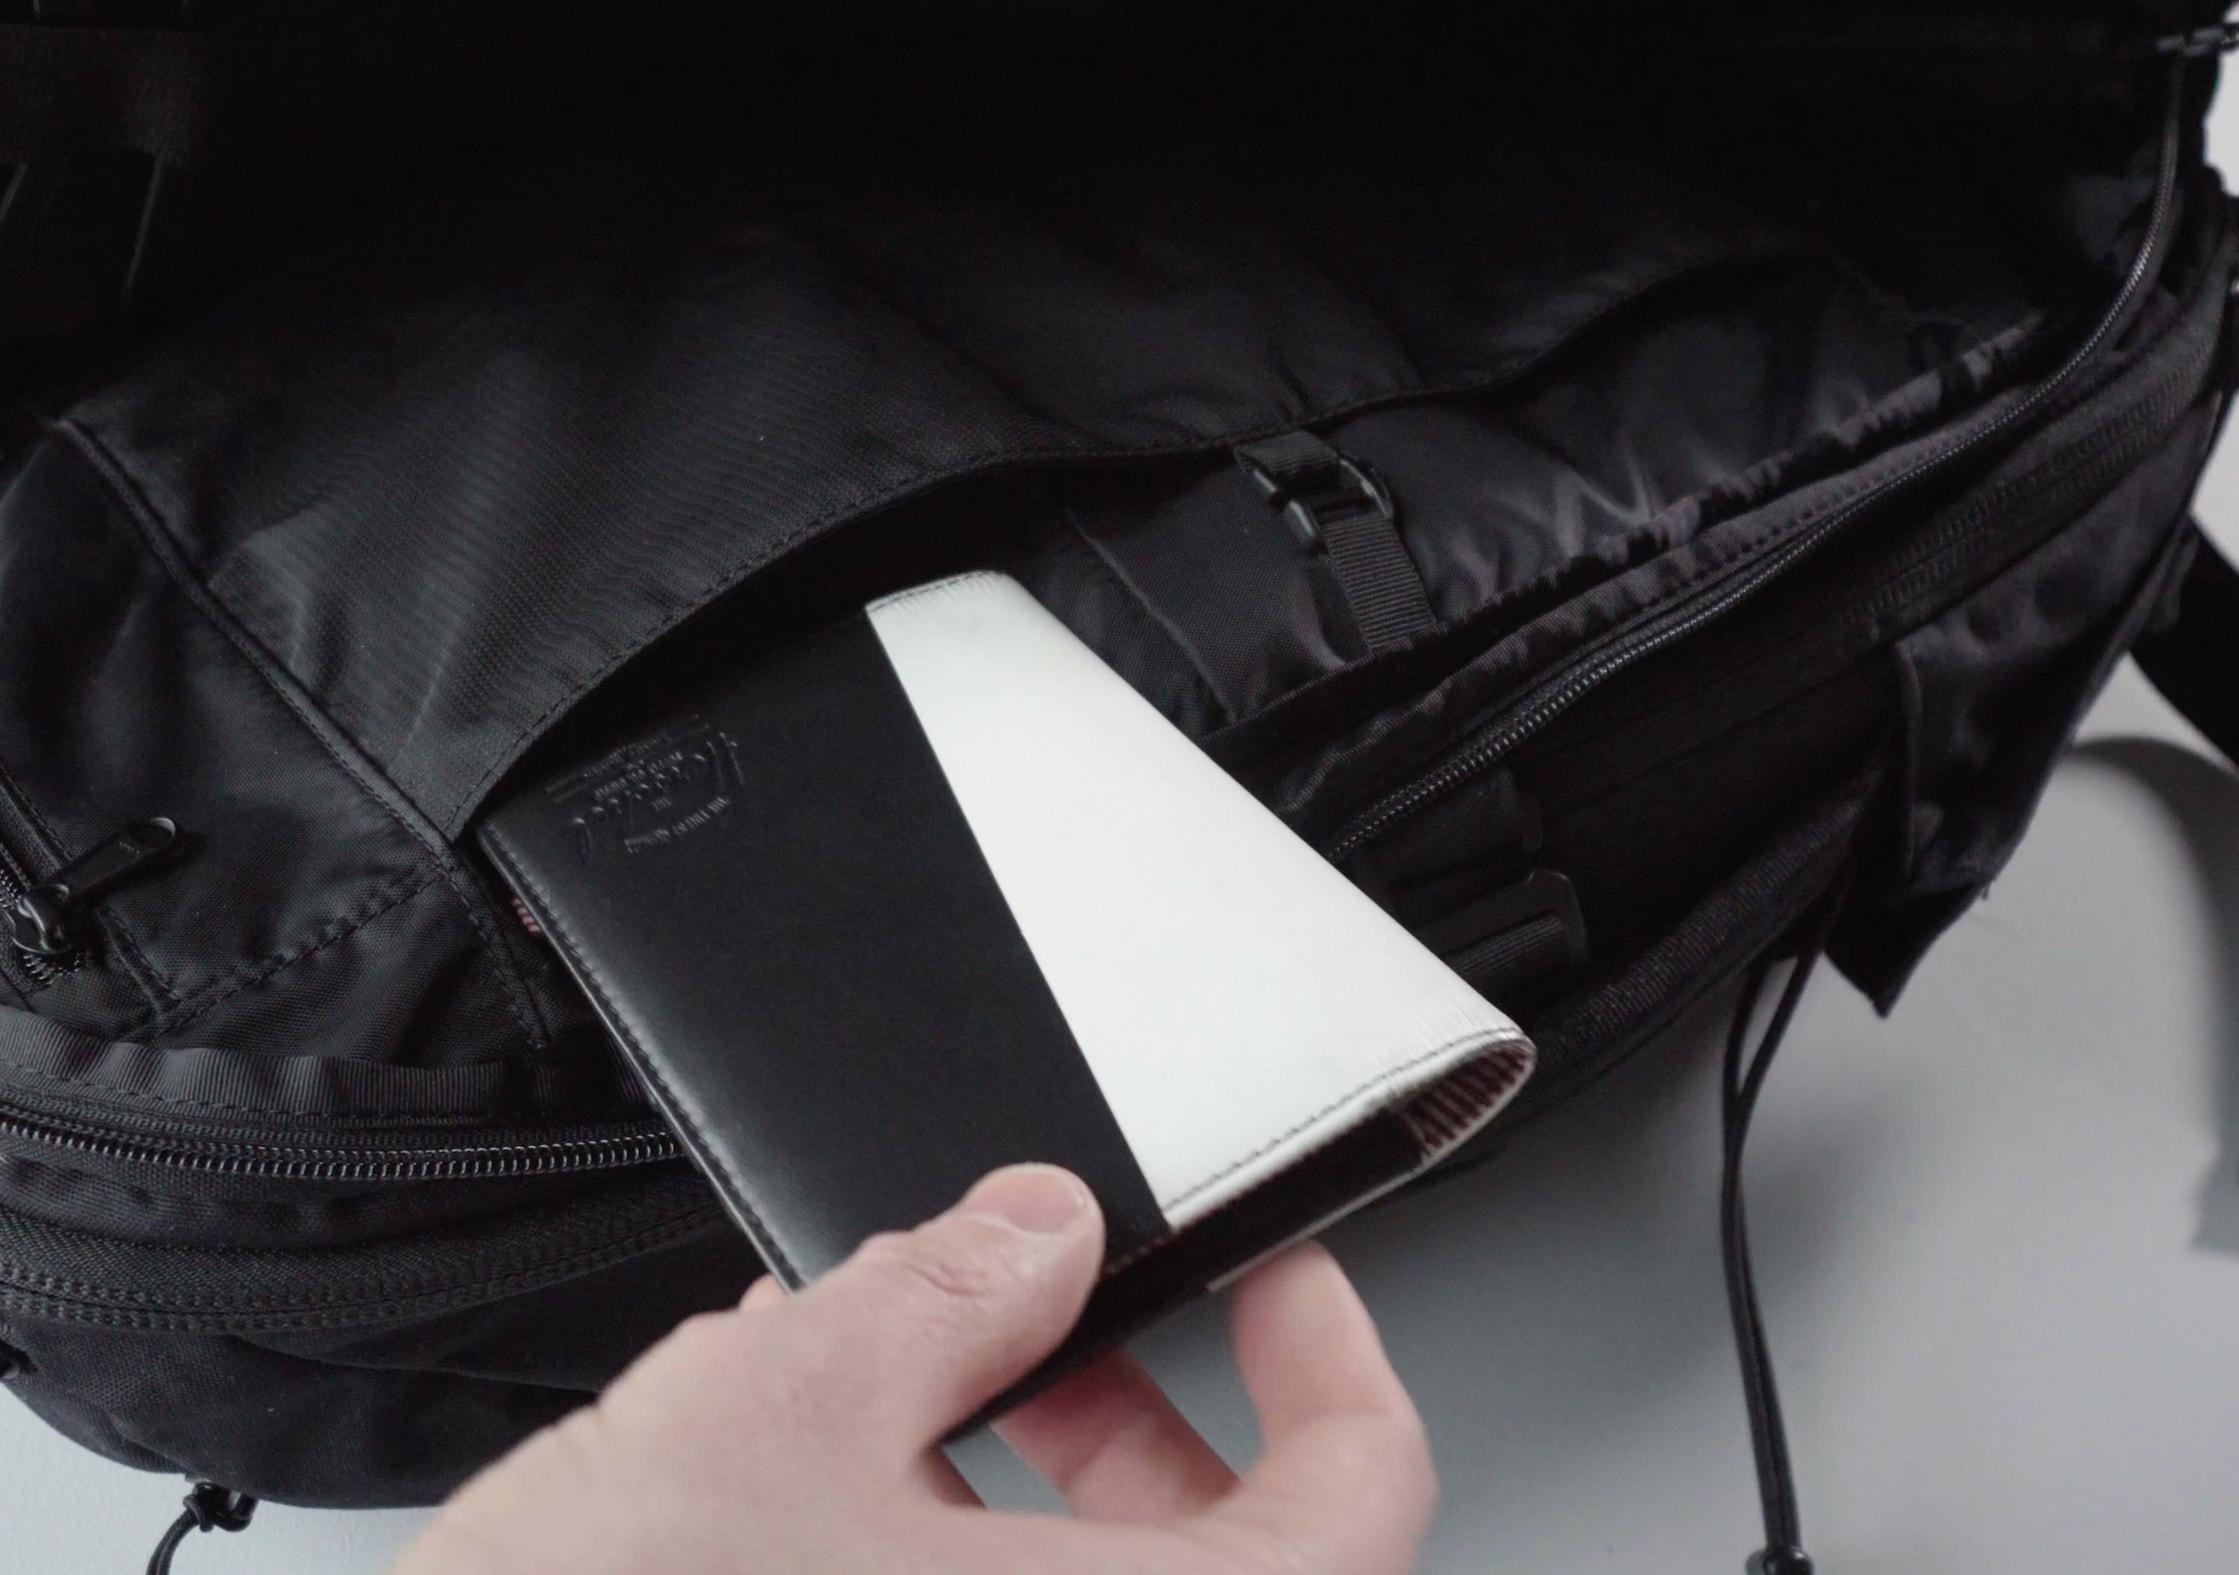 Minaal Carry-on 2.0 Passport Pocket